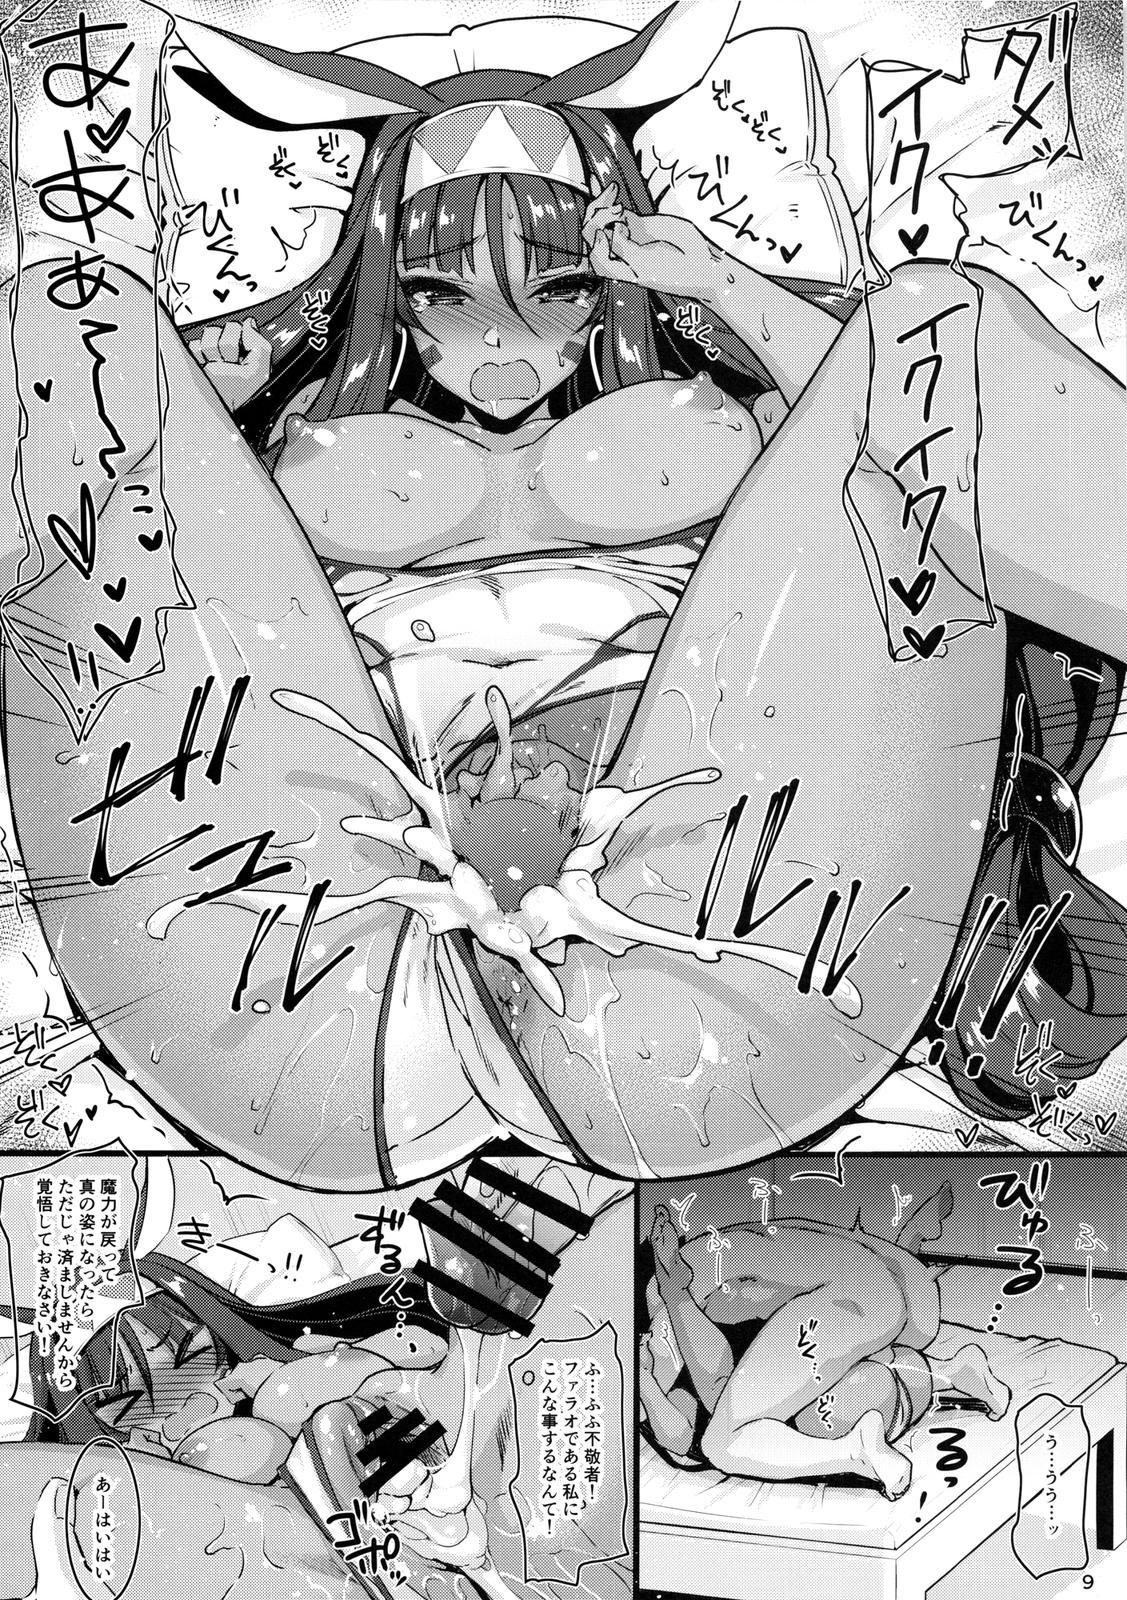 【エロ同人誌】ニトクリスちゃんが不埒者な男の性処理オナホにwww【Fate Grand Order/SC2017 Autumn】